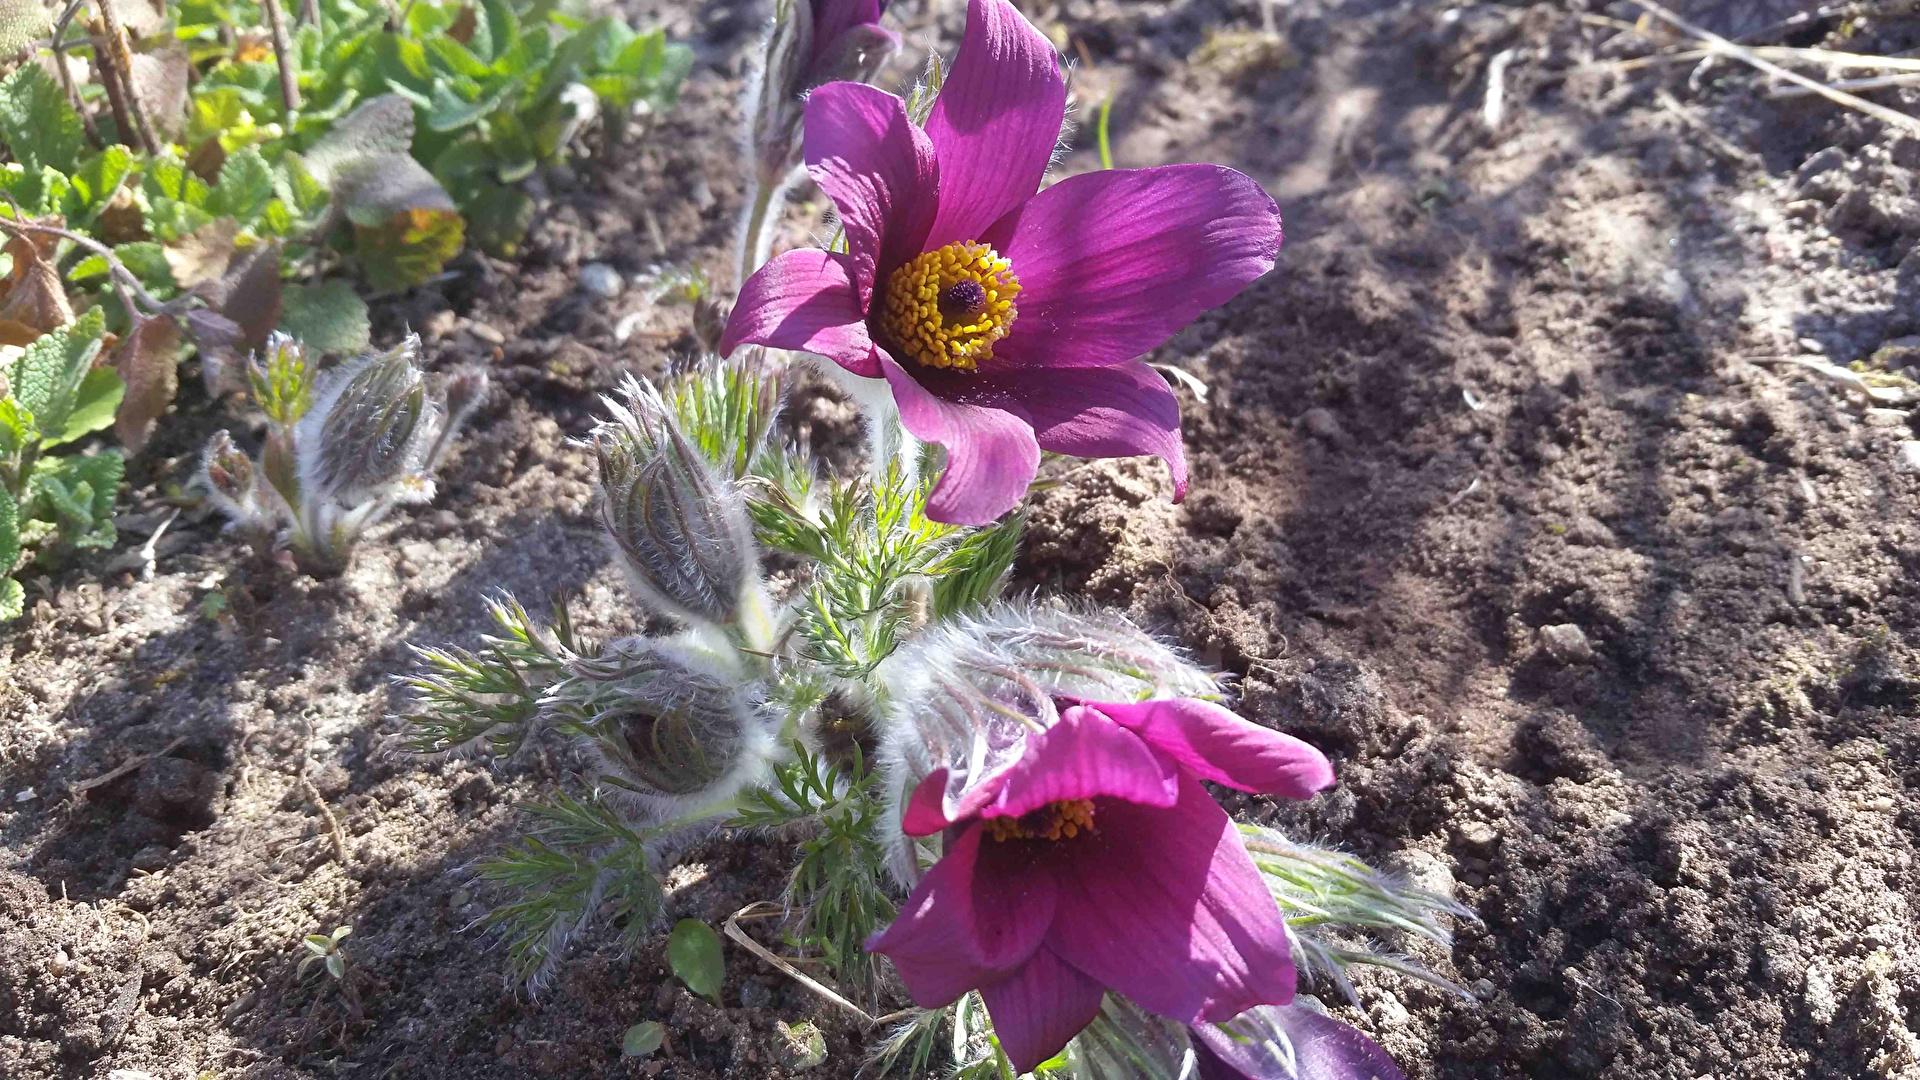 Фотографии цветок Прострел Бутон вблизи 1920x1080 Цветы Крупным планом